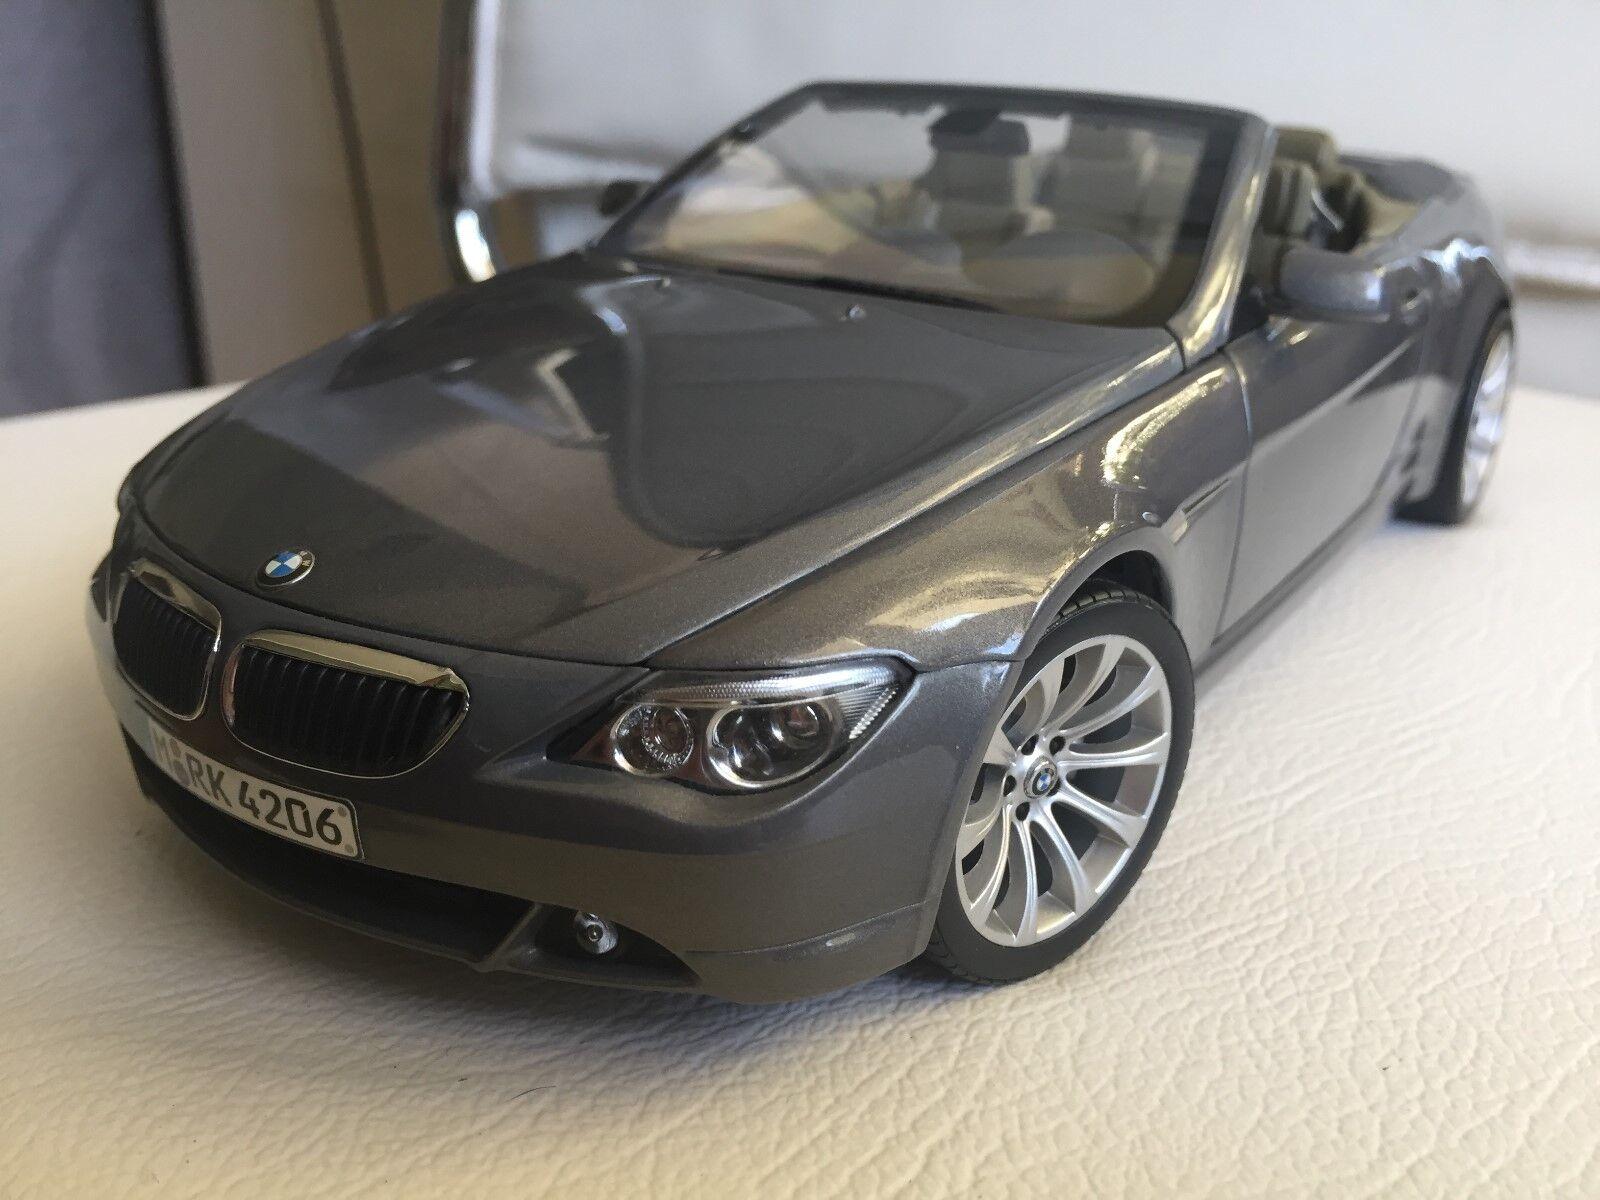 BMW 6er Cabrio 6 serie ConGrünible   Grau 1 18 BasisModelll Kyosho